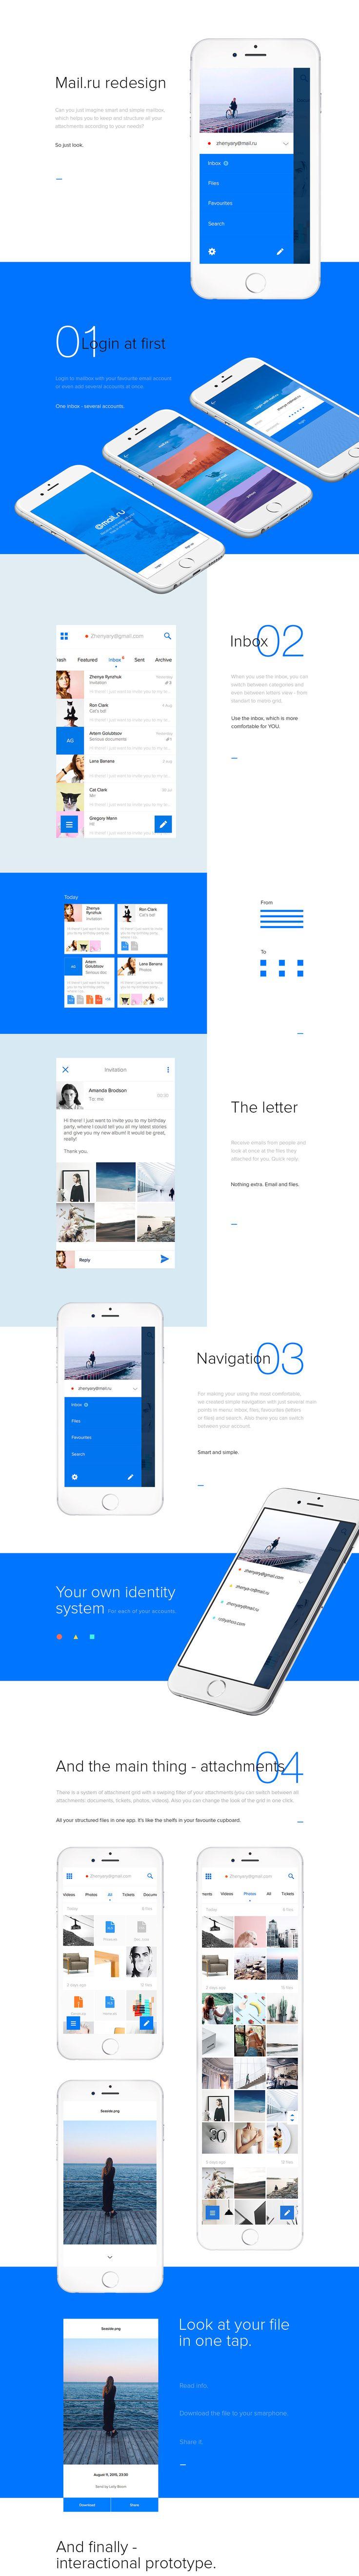 Mail.ru ansøgning redesign koncept på App Design Served